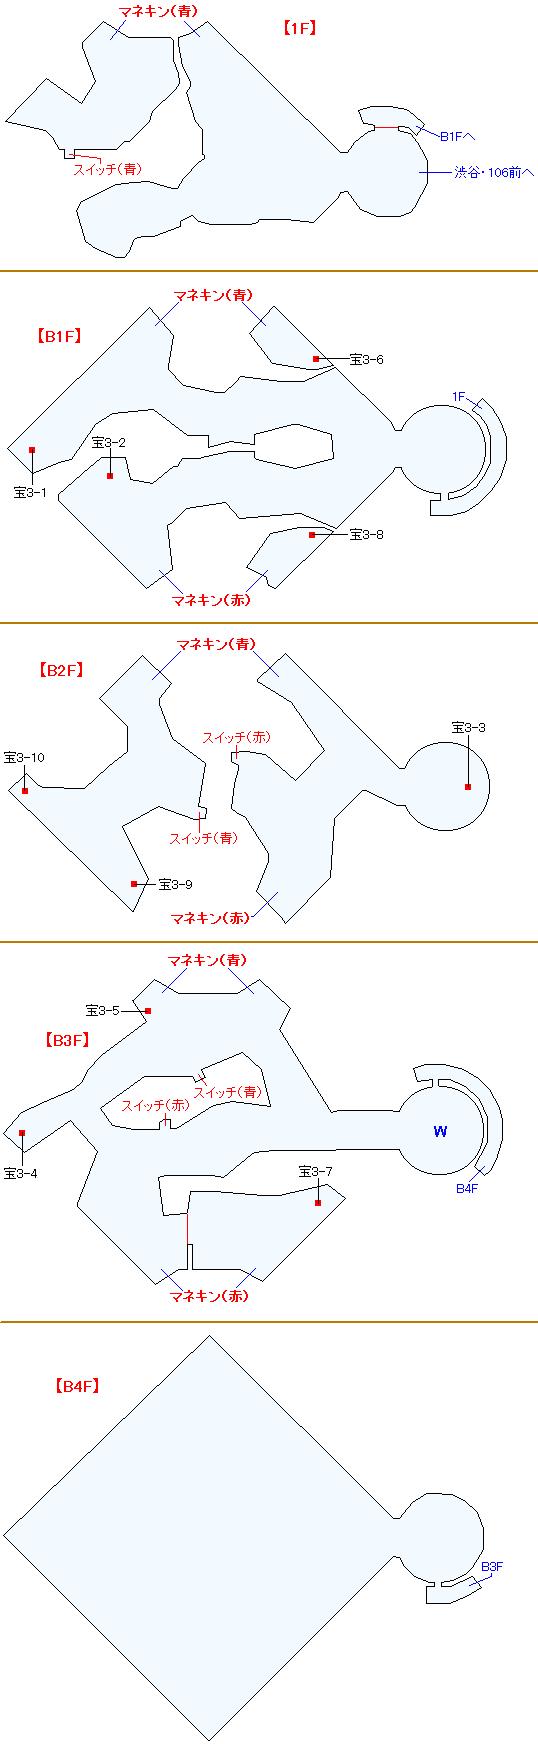 マップ画像・幻想106(1F~B4F)